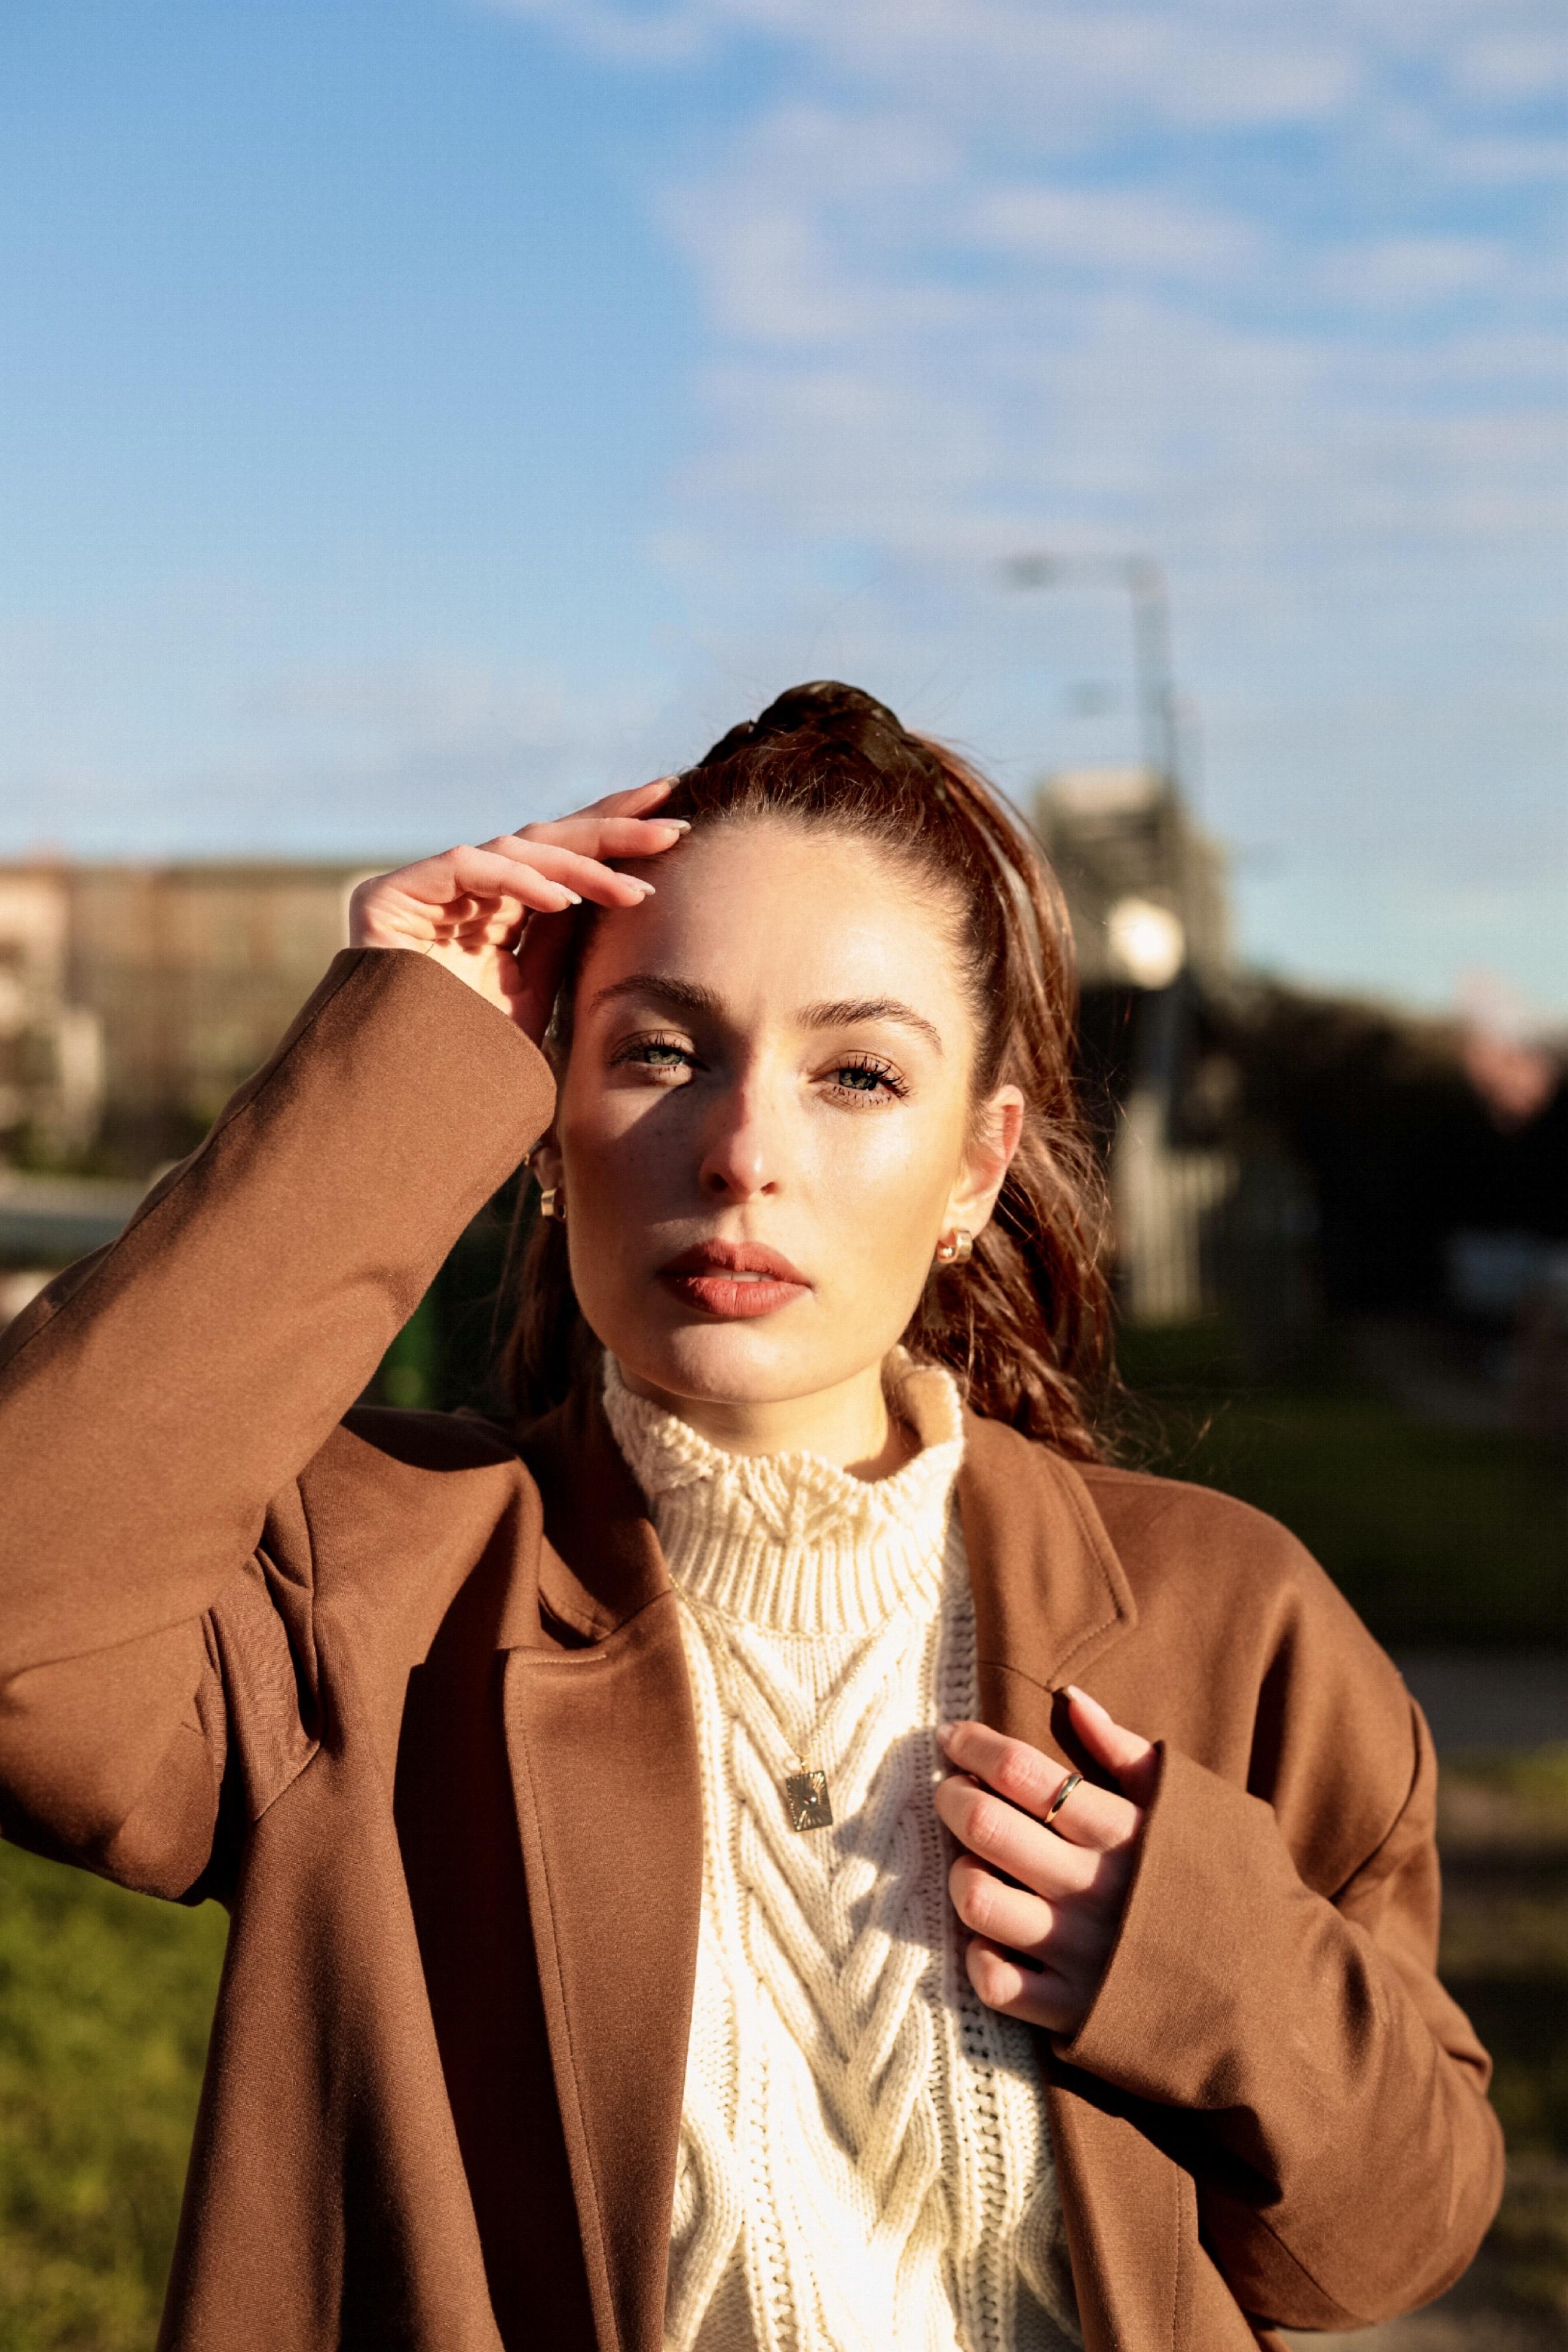 Shine-Female-Model-Valentina-London-Red-Hair-08.jpg#asset:52830